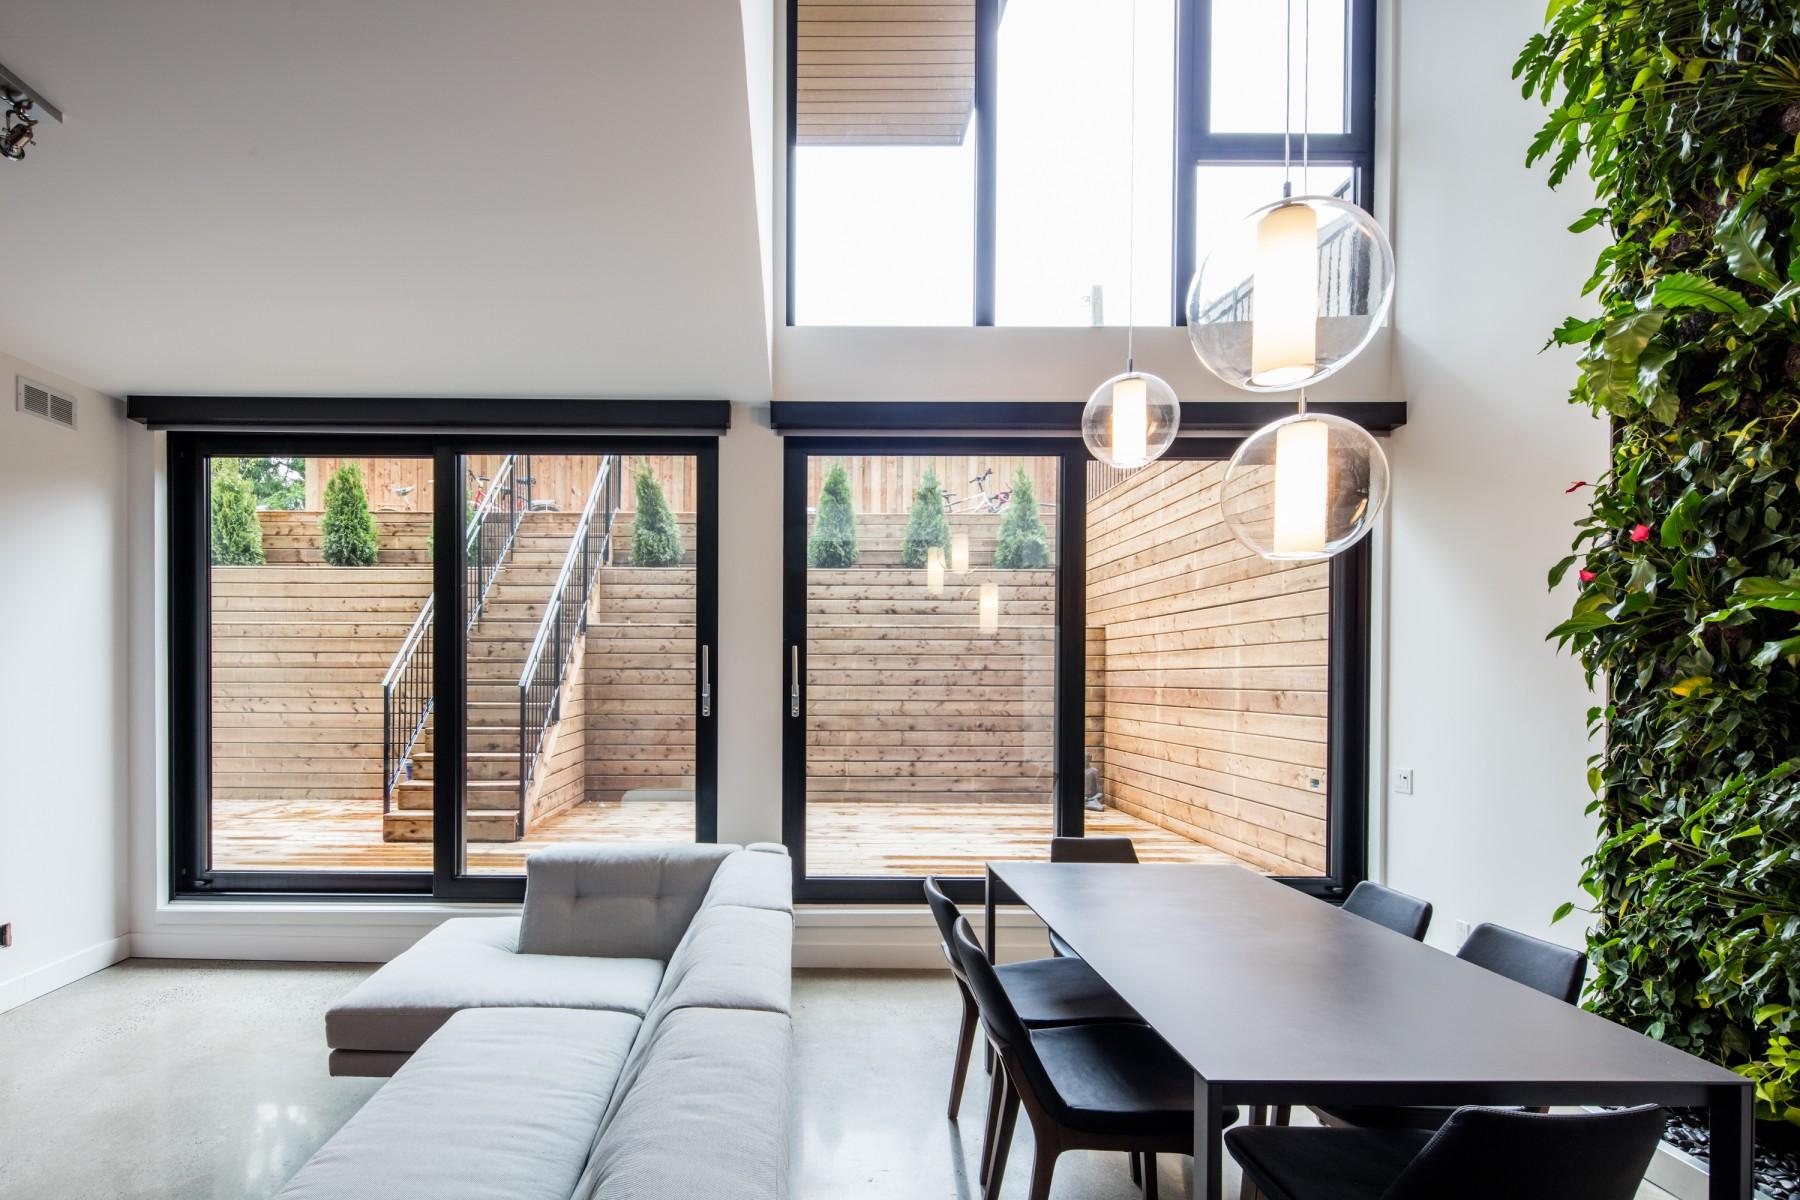 le treehouse de nouveaux condos avec un mur int rieur v g tal dans st henri joli joli design. Black Bedroom Furniture Sets. Home Design Ideas